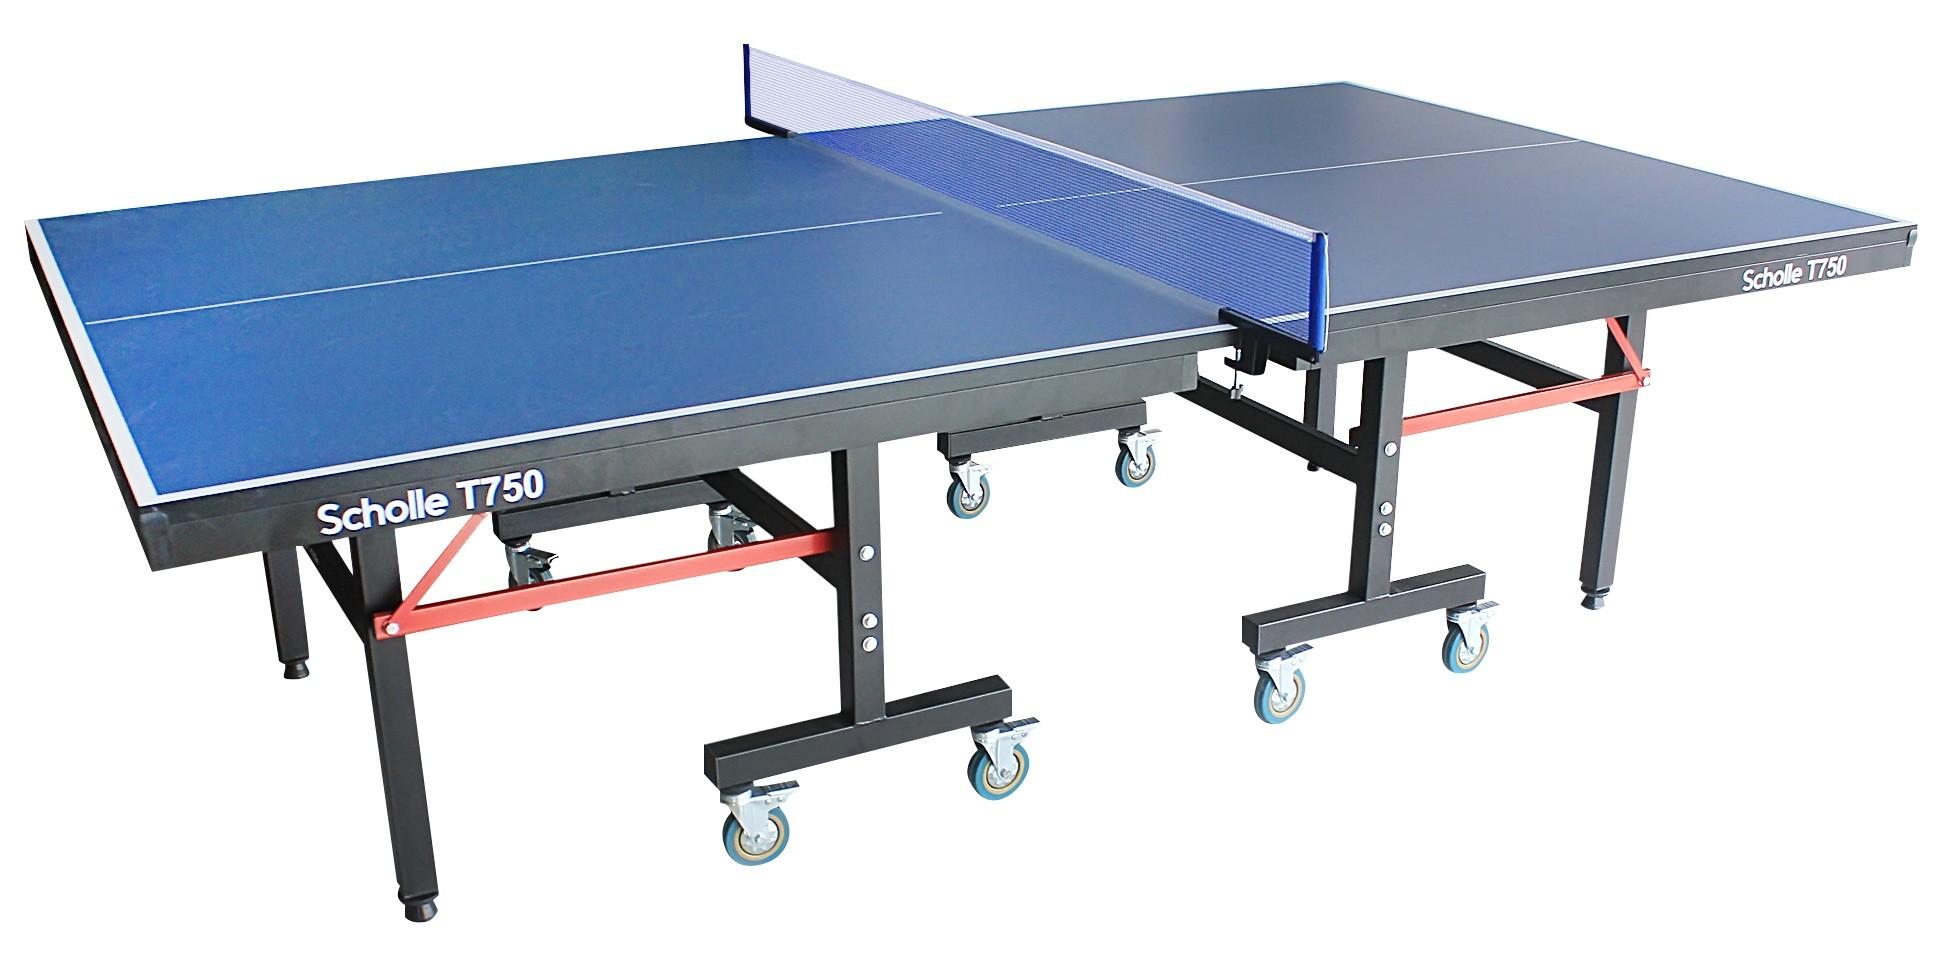 Теннисный стол Scholle T750